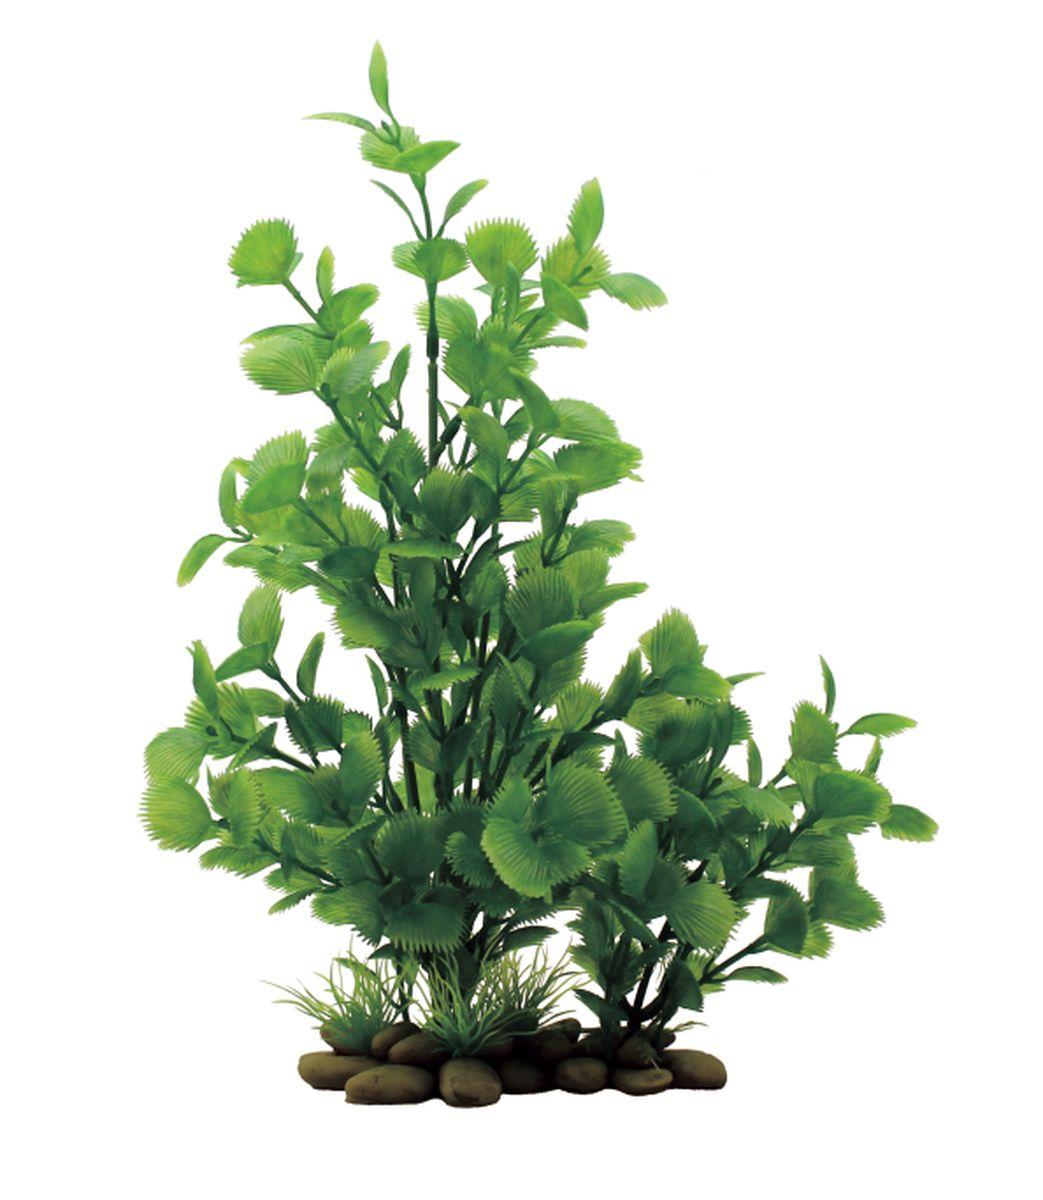 Растение для аквариума ArtUniq Ливистона , высота 30 смART-1150201Композиция из искусственных растений ArtUniq превосходно украсит и оживит аквариум.Растения - это важная часть любой композиции, они помогут вдохнуть жизнь в ландшафт любого аквариума или террариума. А их сходствос природными порадует даже самых взыскательных ценителей.